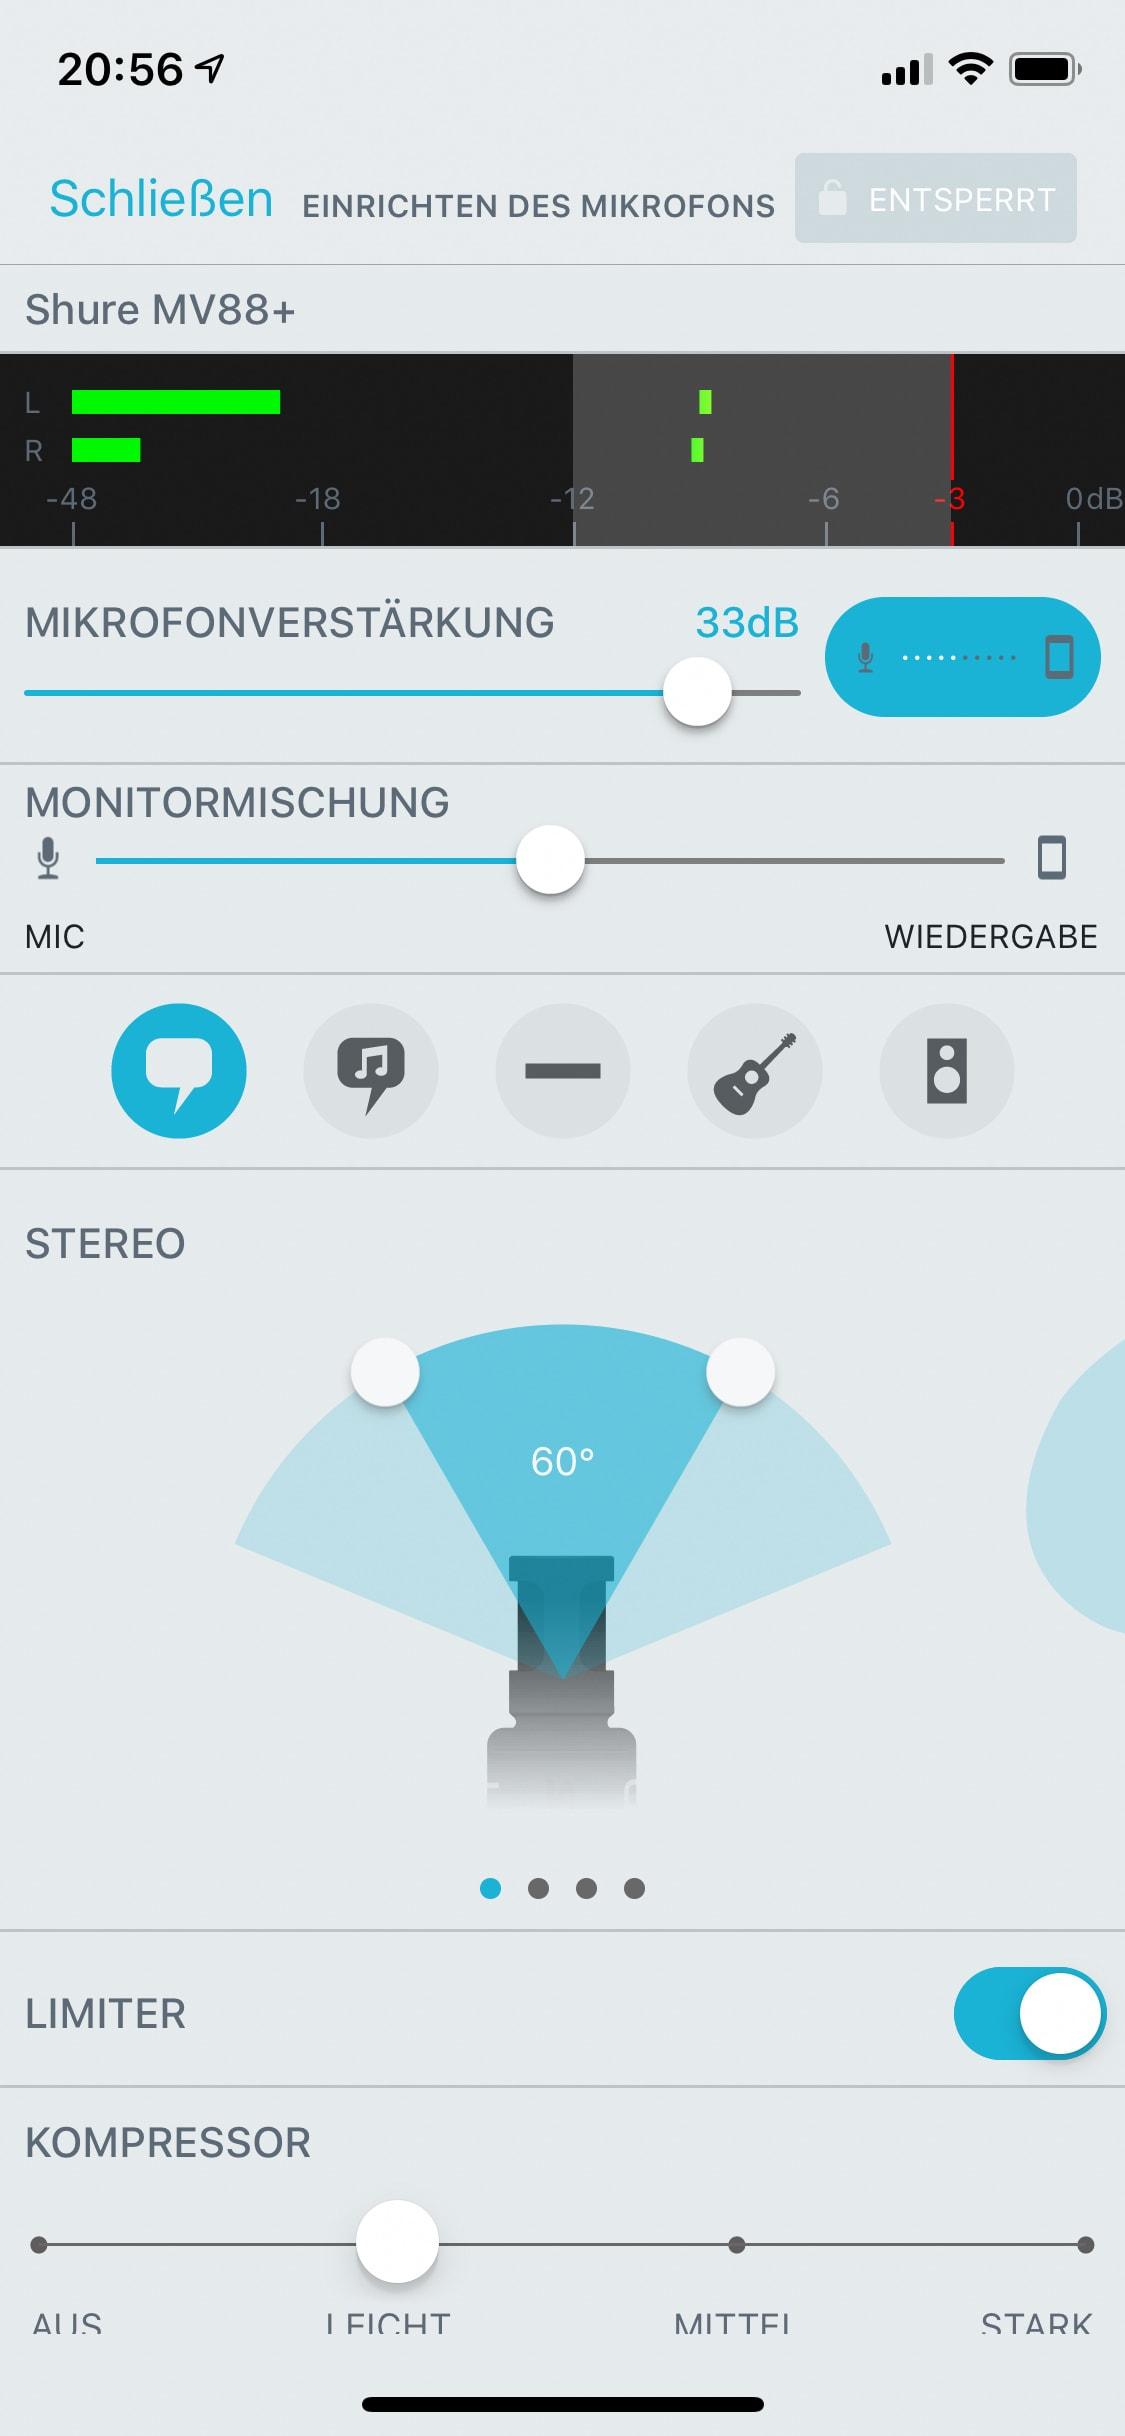 Shure MOTIV-App Einstellung Stereo 60°